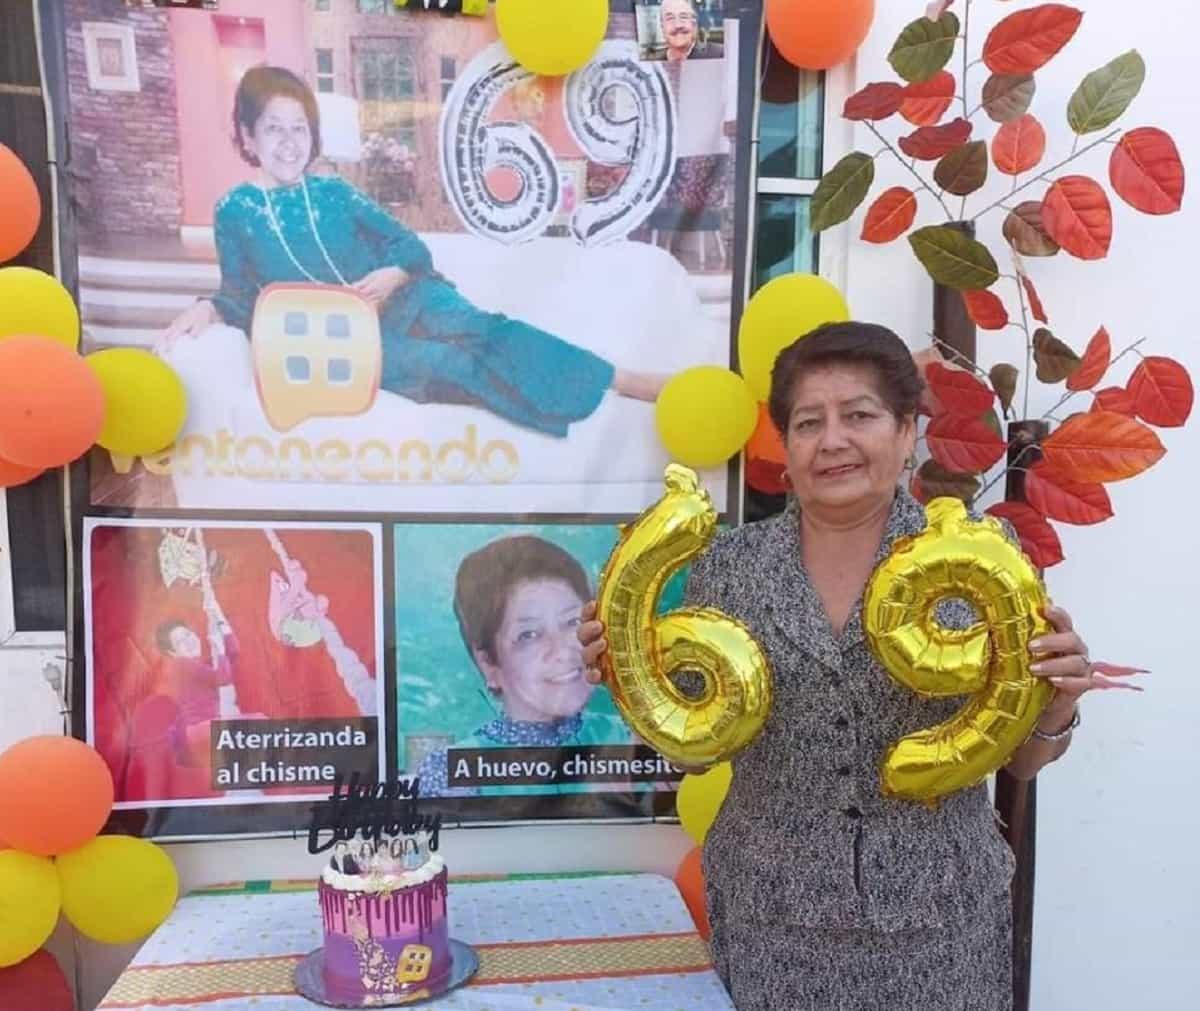 Mujer celebra su cumple con temática de Pati Chapoy y se vuelve viral